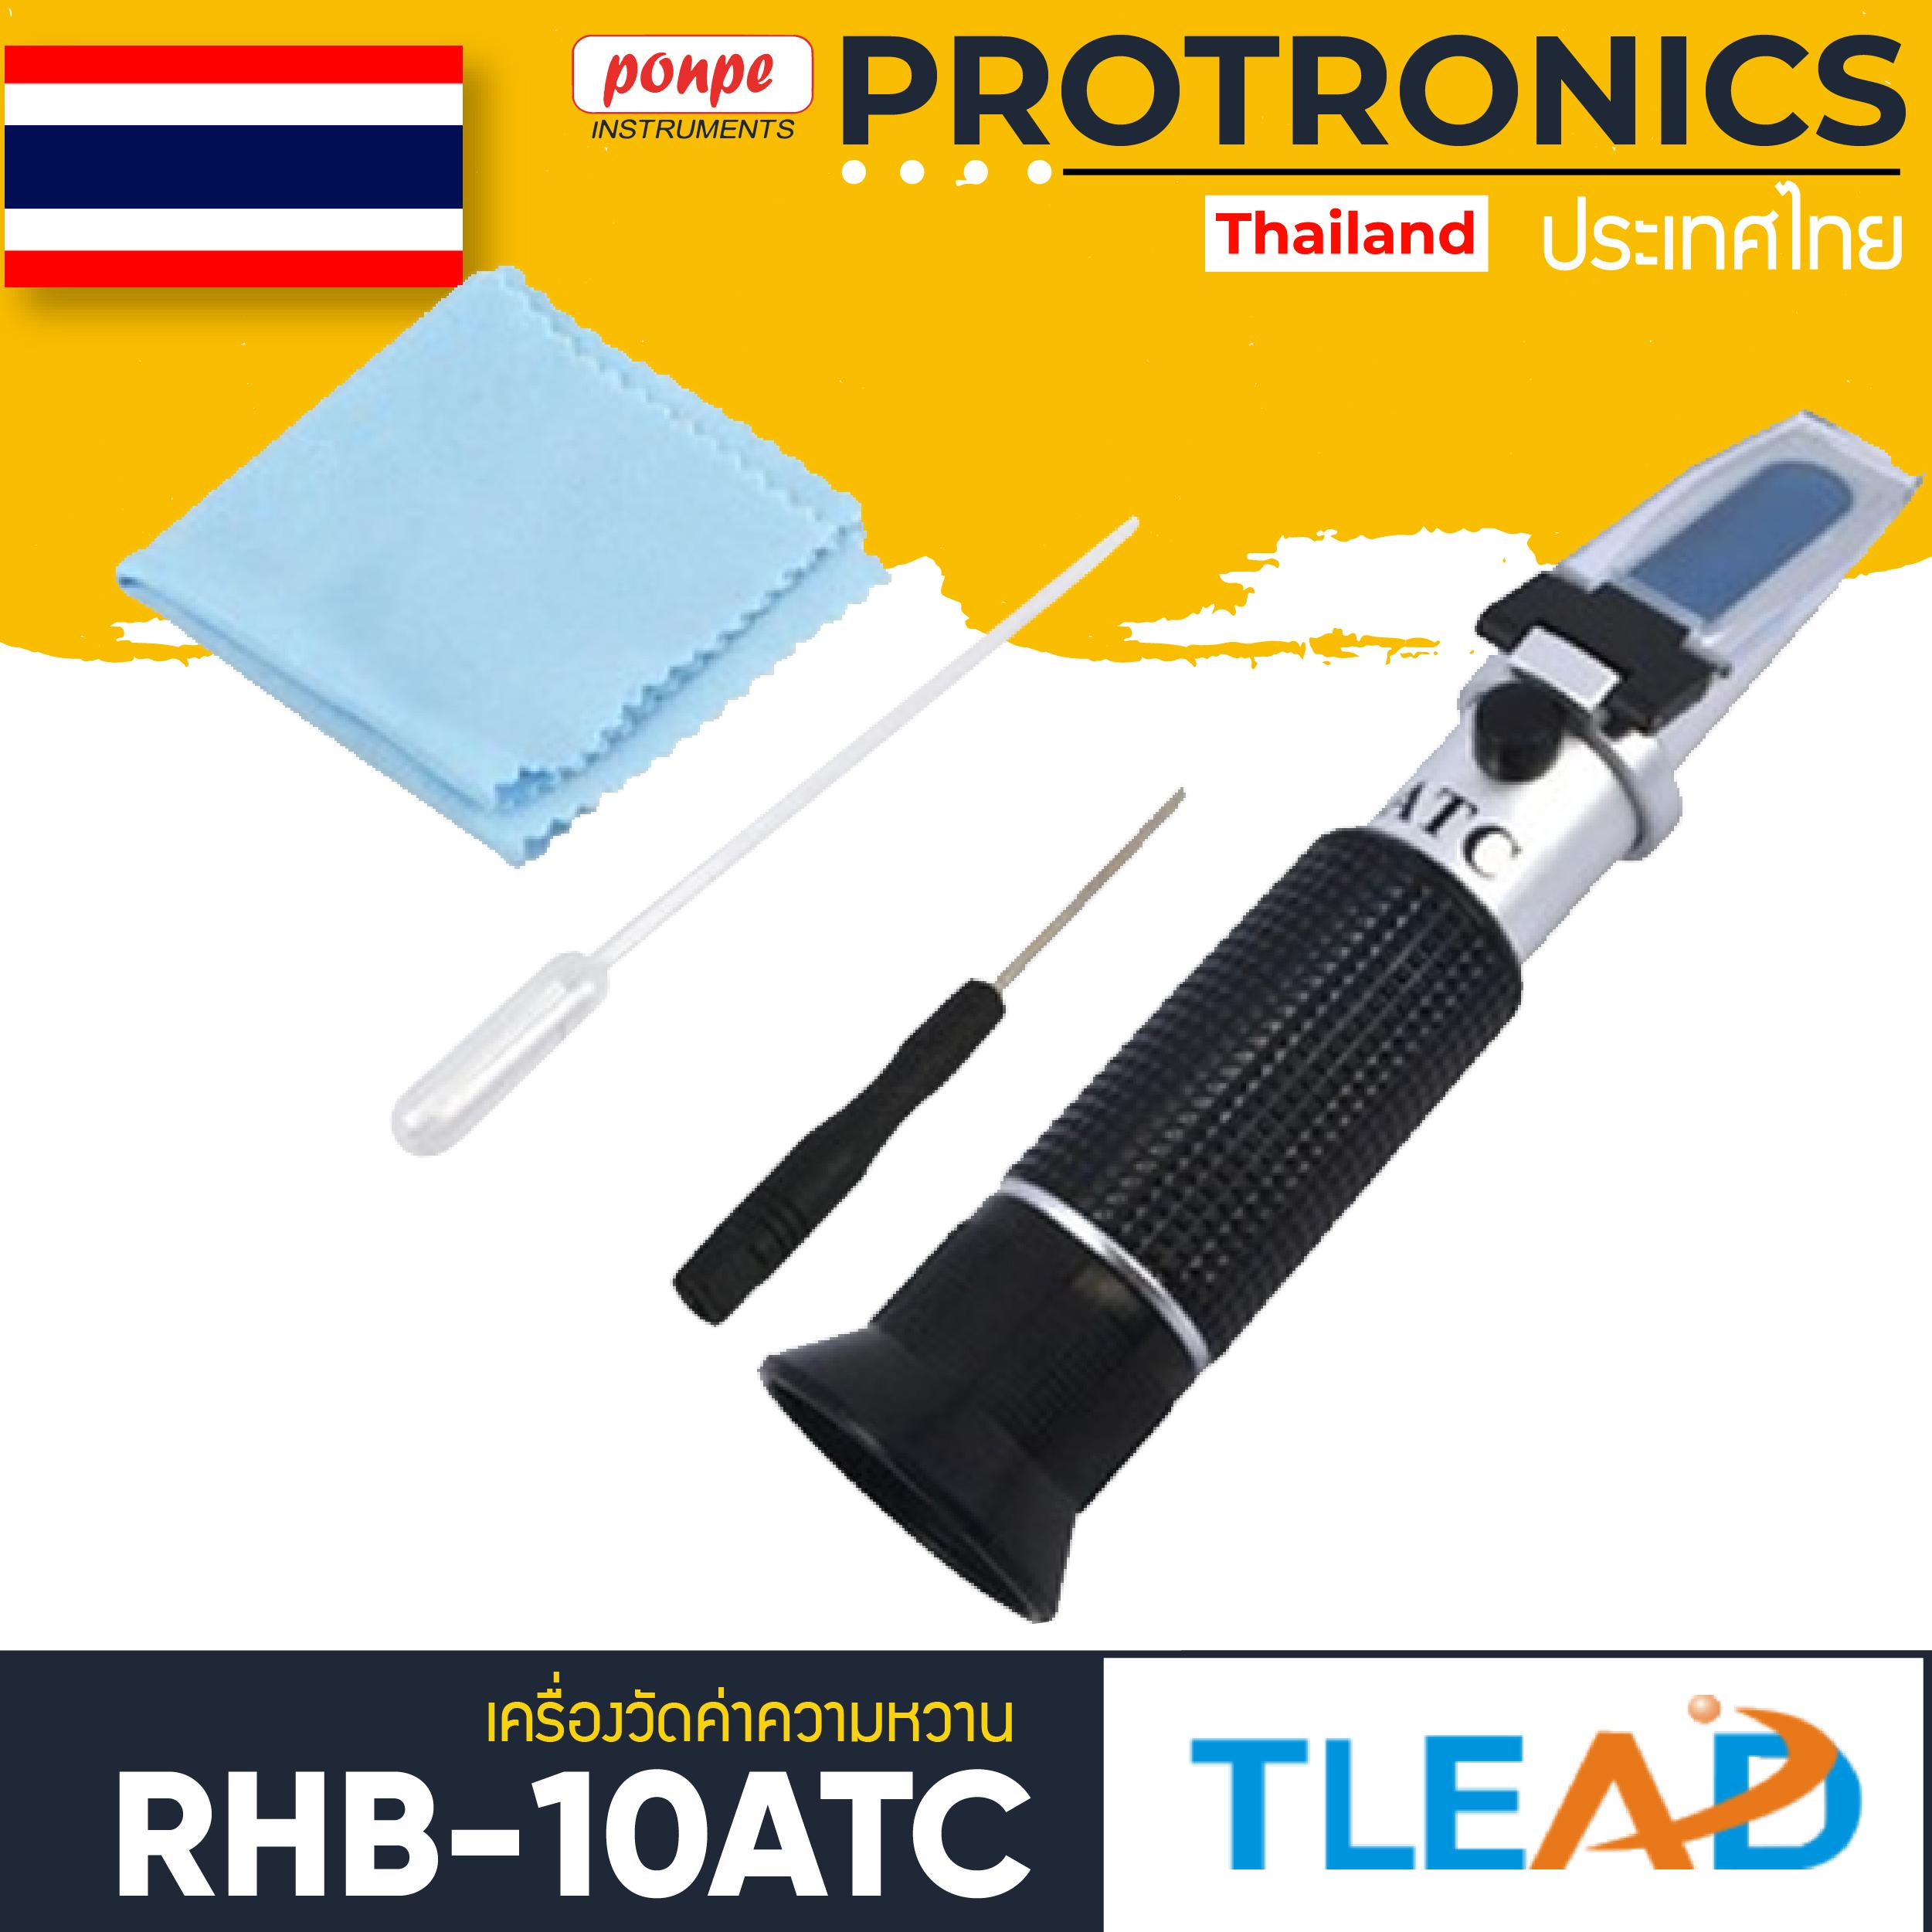 RHB-10ATC JEDTO Brix Refractometer เครื่องวัดค่าความหวาน โดยการใช้การหักเหของแสง